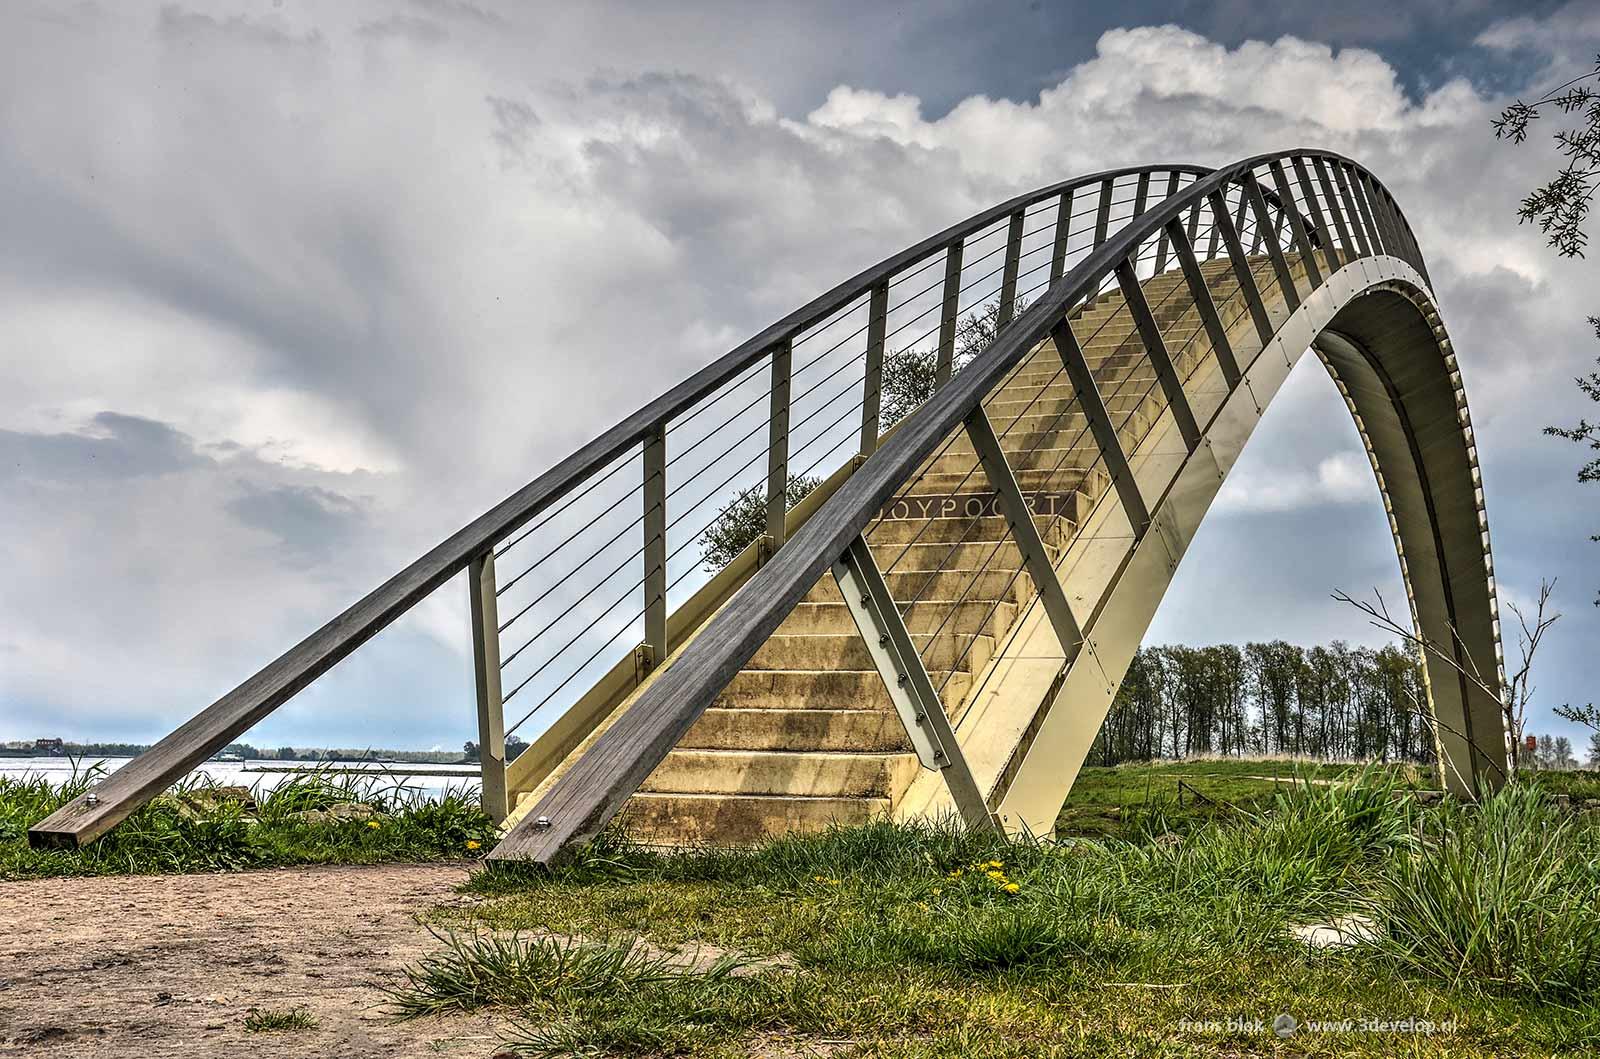 De Ooijpoort, of Ooypoort, een voetgangersbrug in Nijmegen die vanaf de Waalkade toegang geeft tot de Ooijpolder